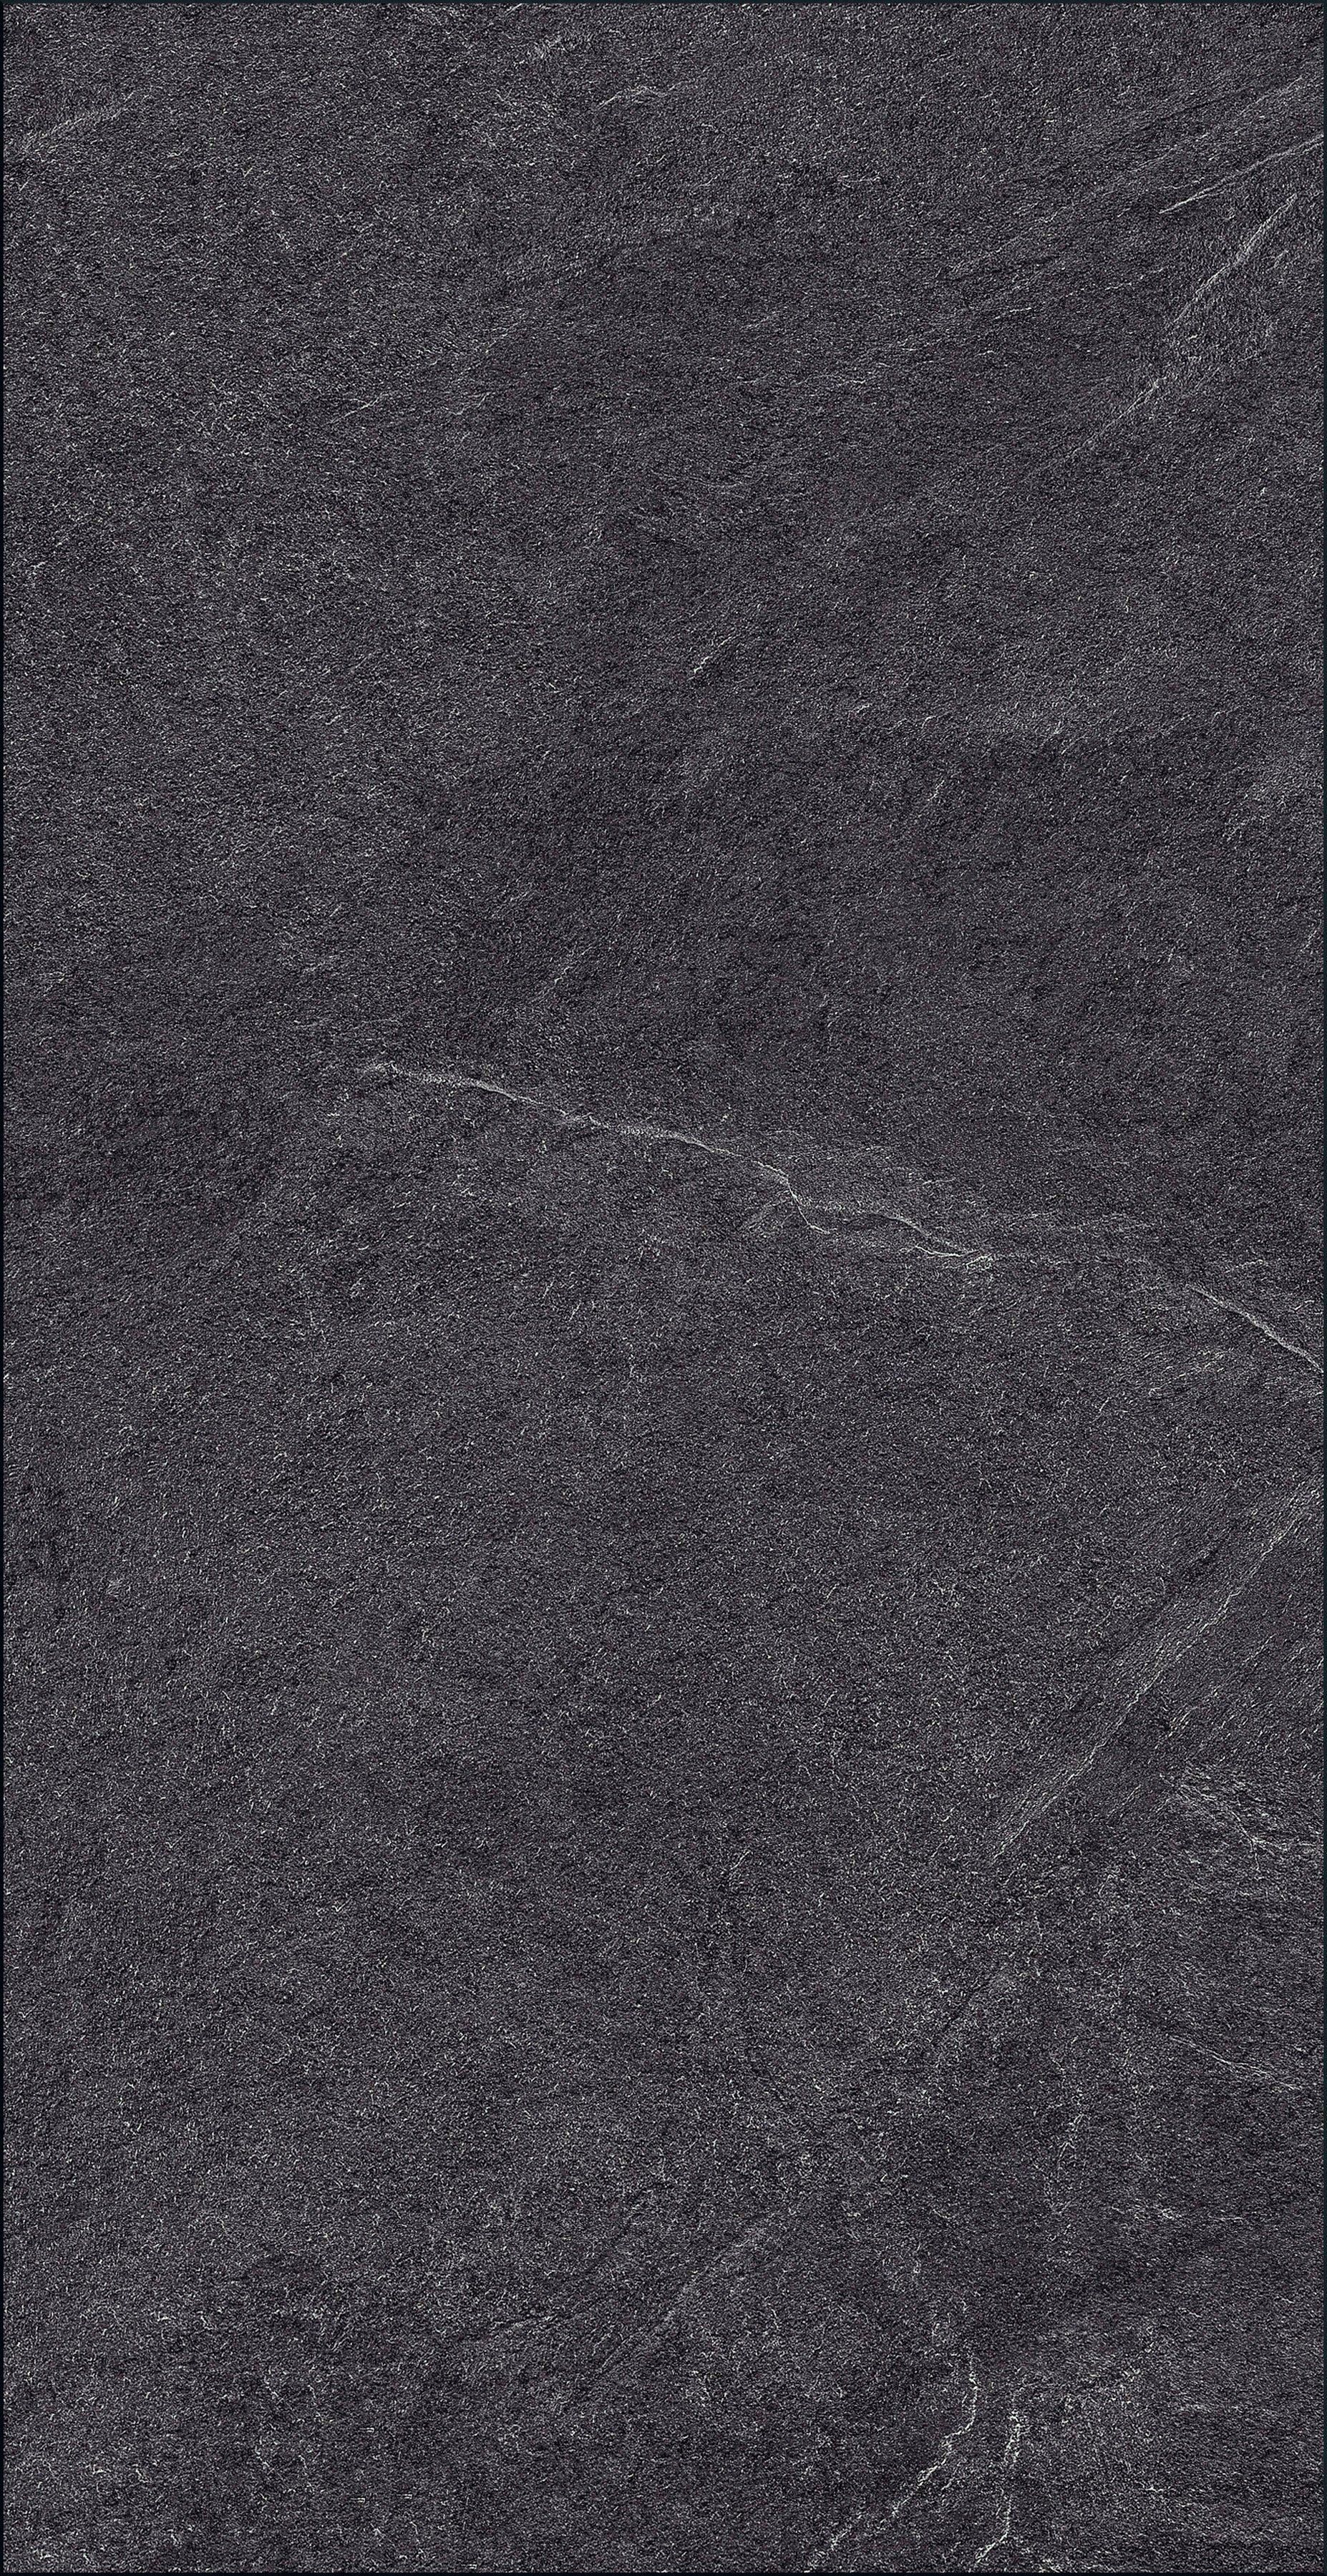 Großartig Laminat in Fliesenoptik online kaufen | OTTO XO49